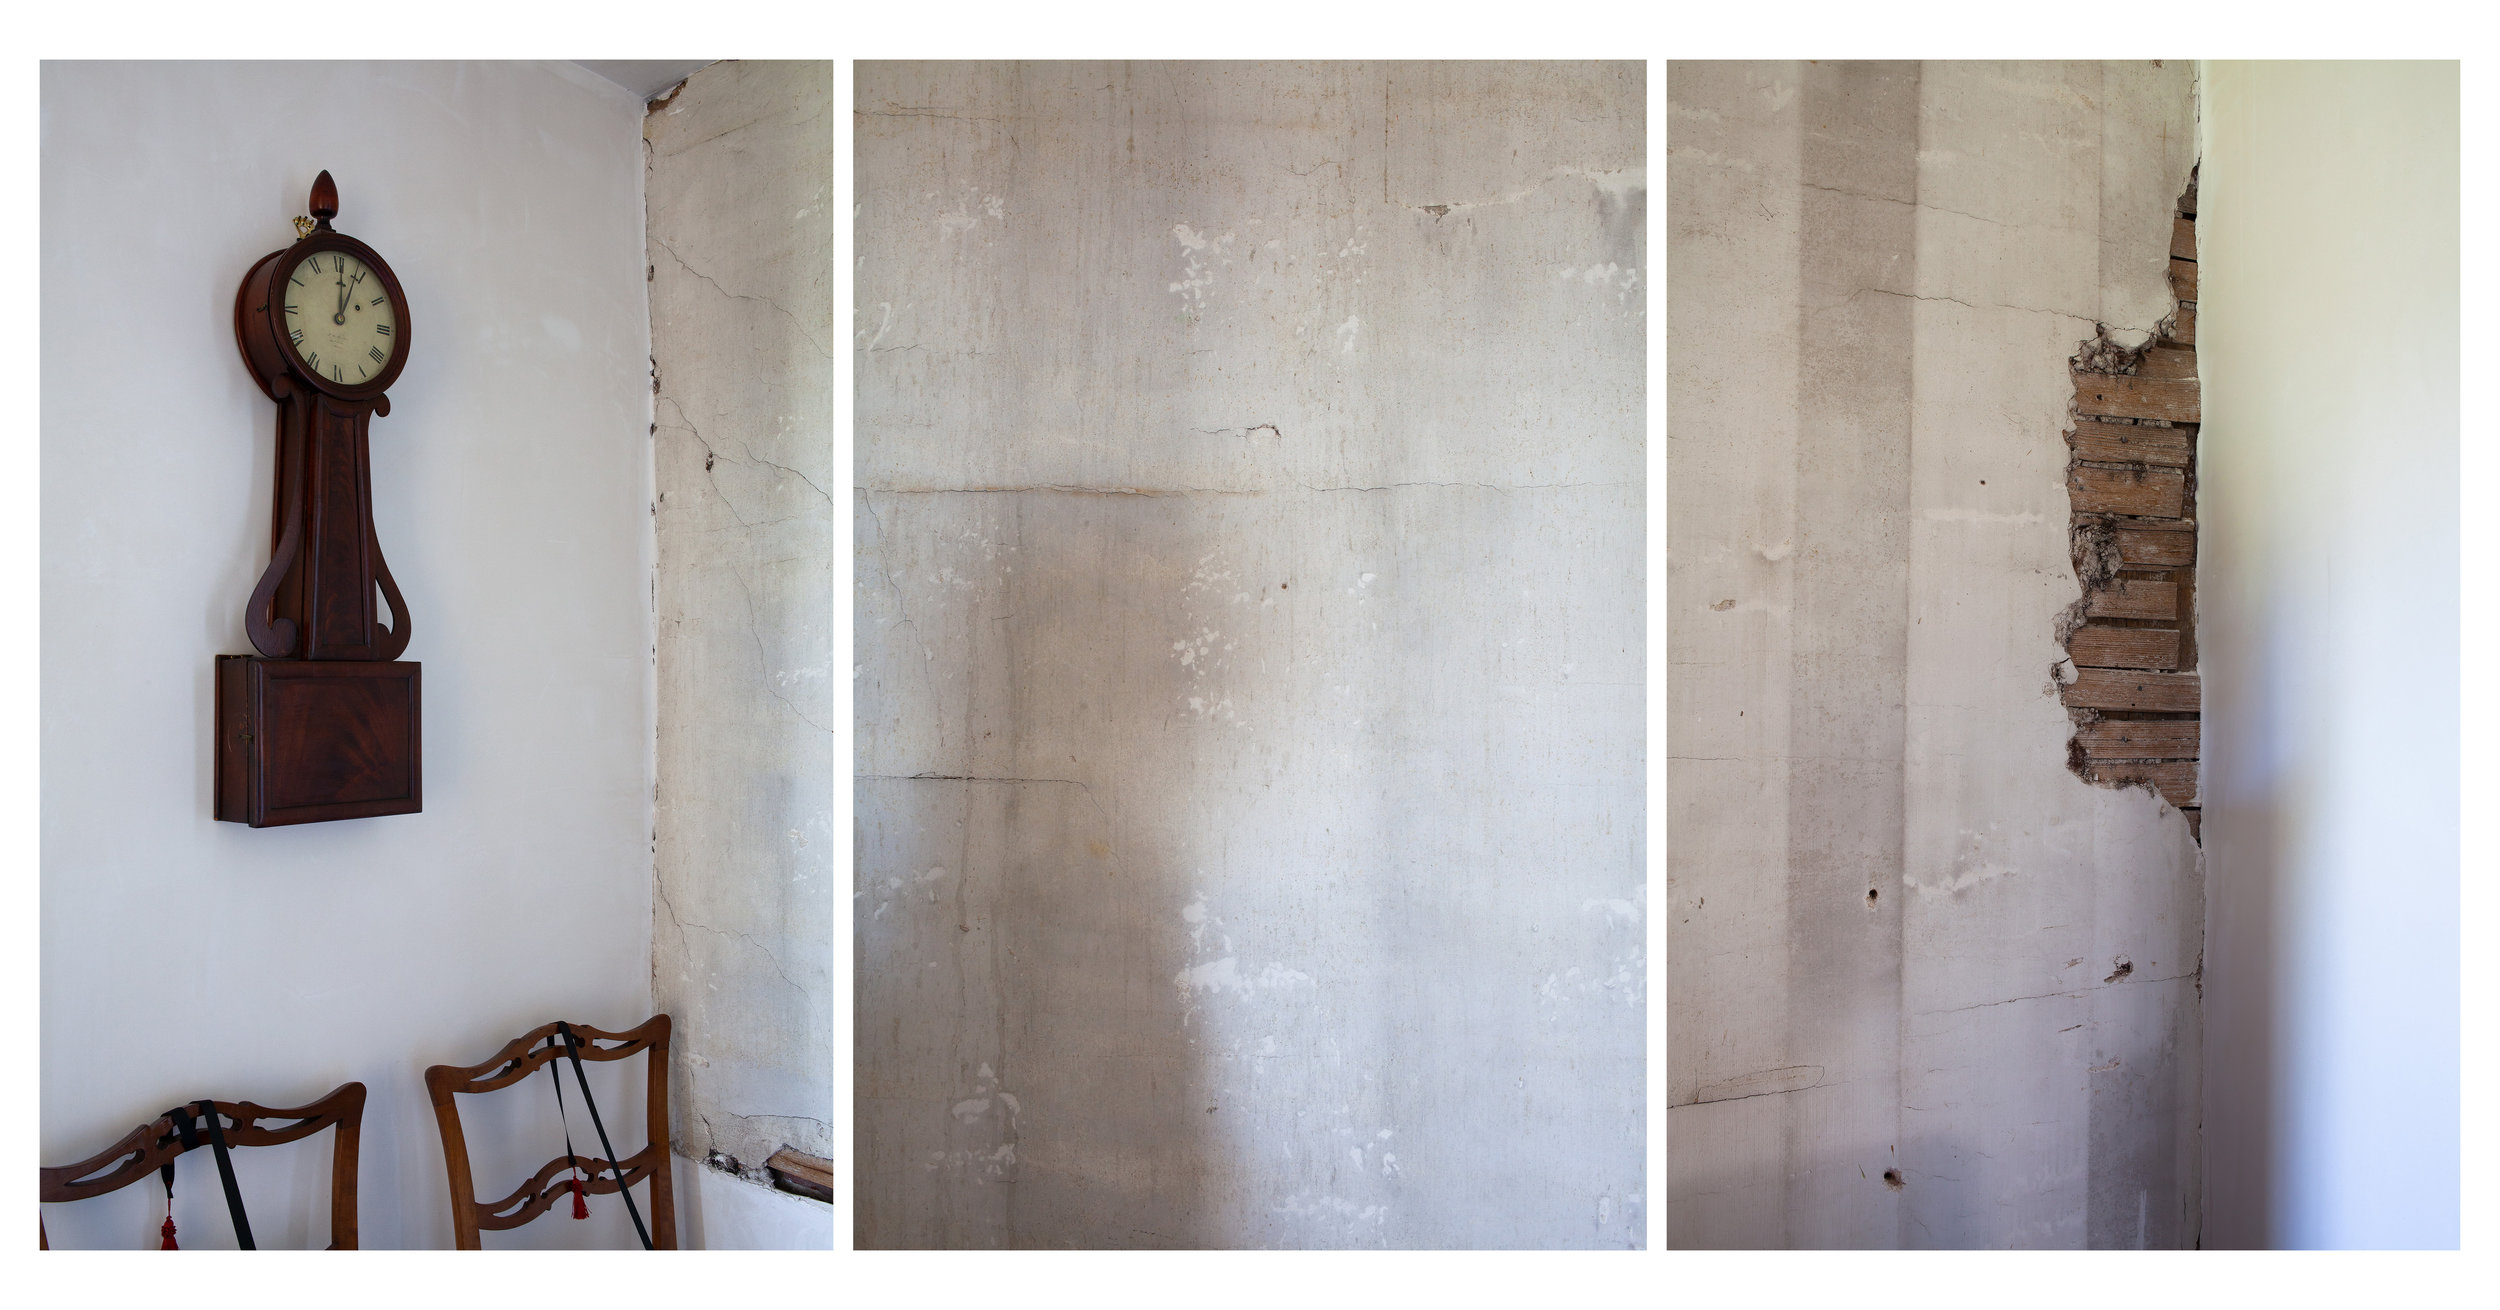 10_jmjackson_rupture (triptych).jpg